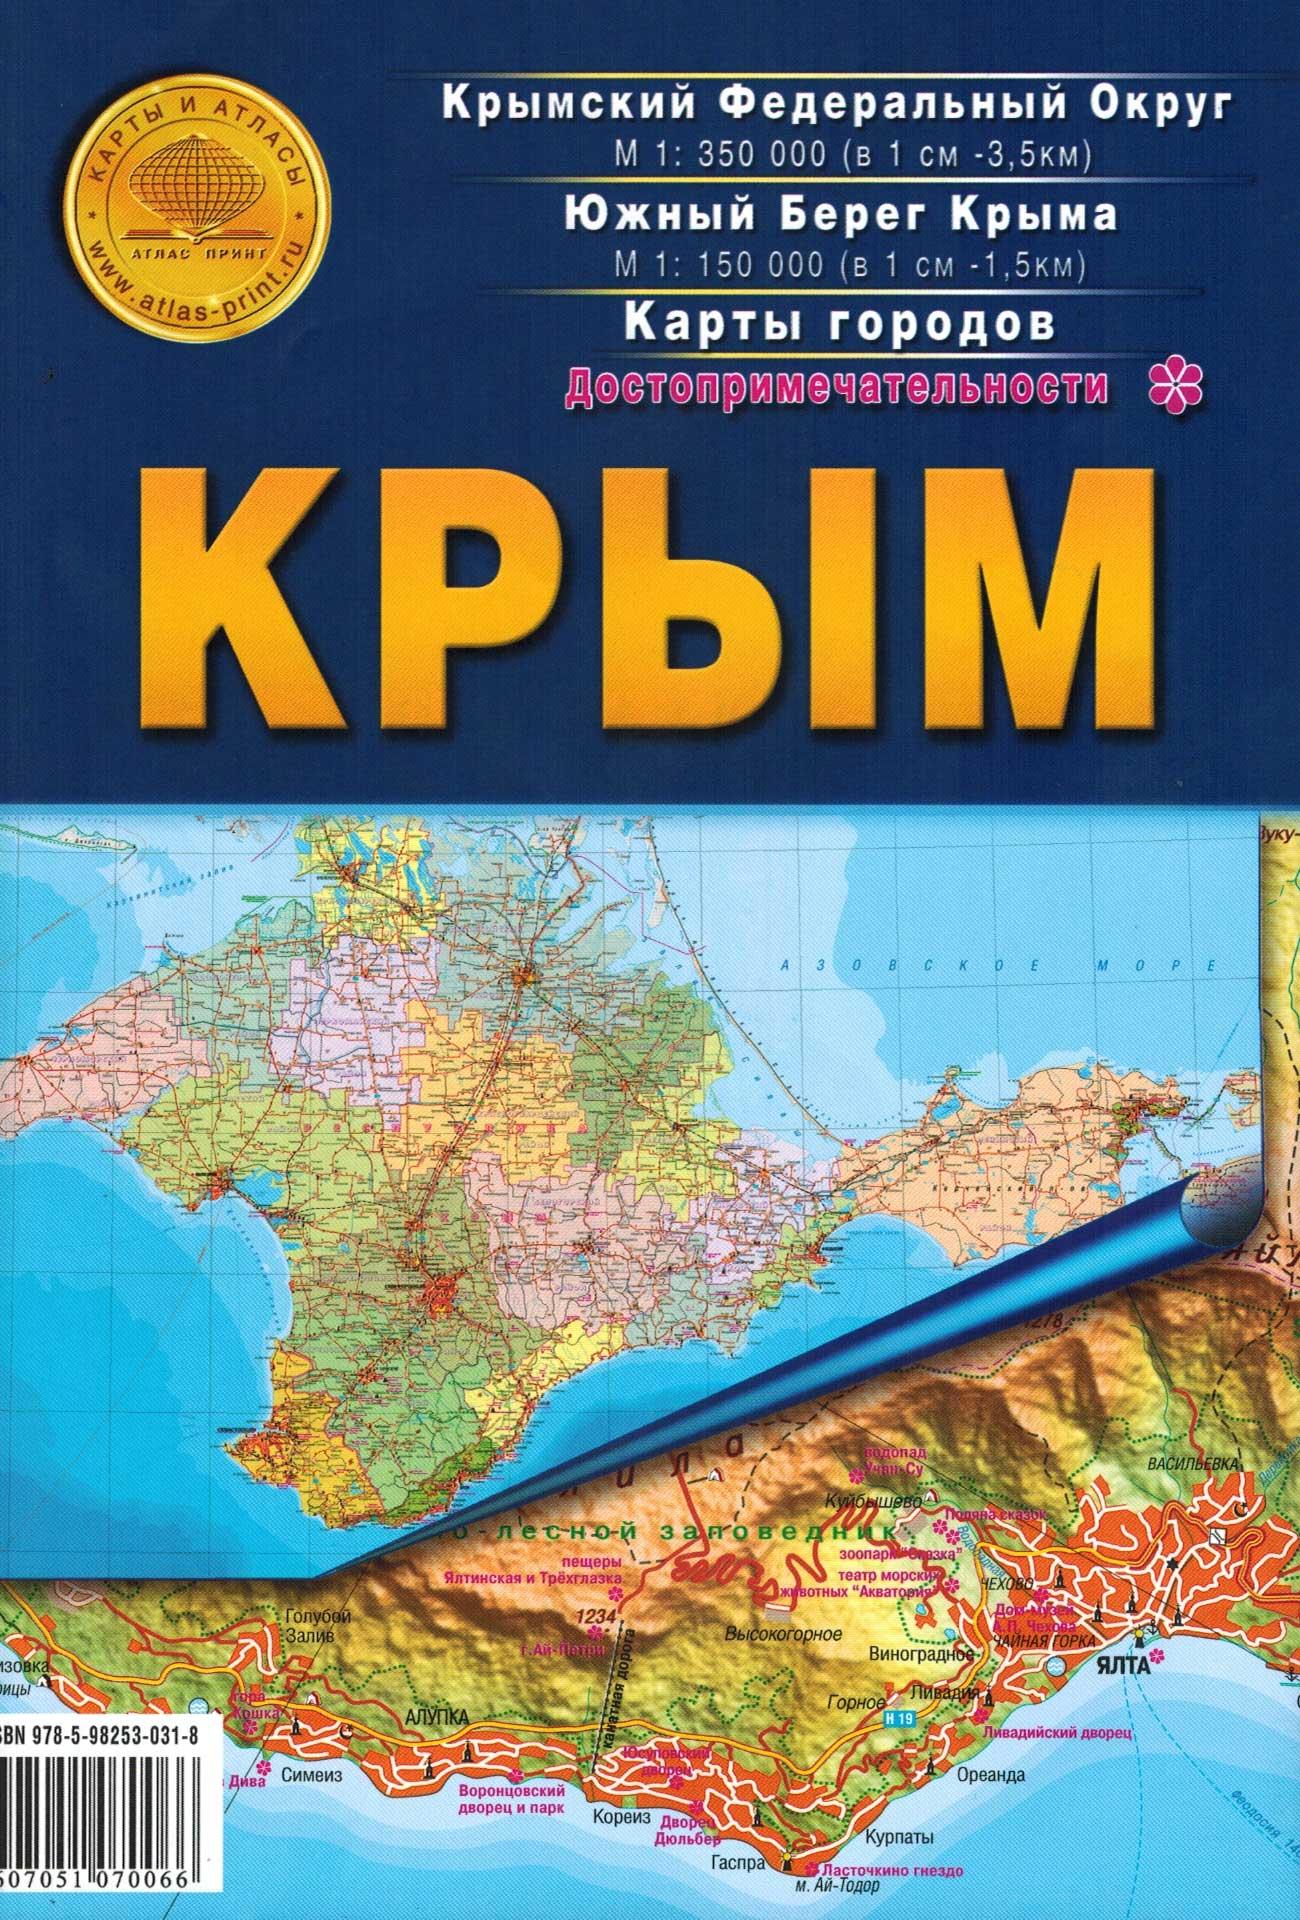 Купить! Складная карта Крыма